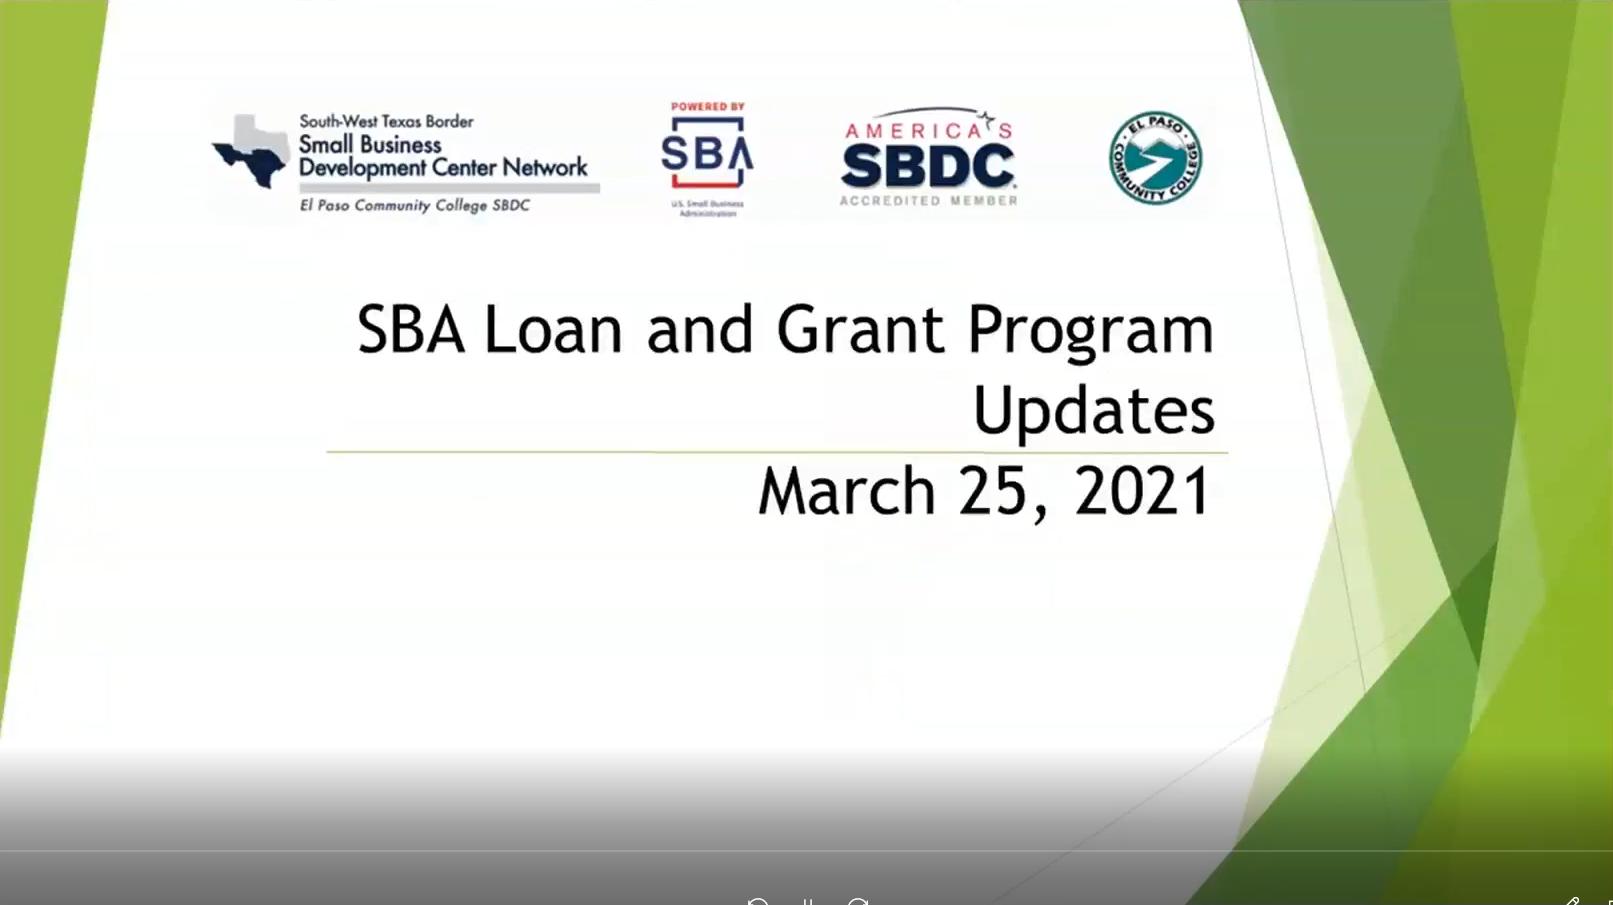 PPP-EIDL-SBA Loan UPDATES-20210325